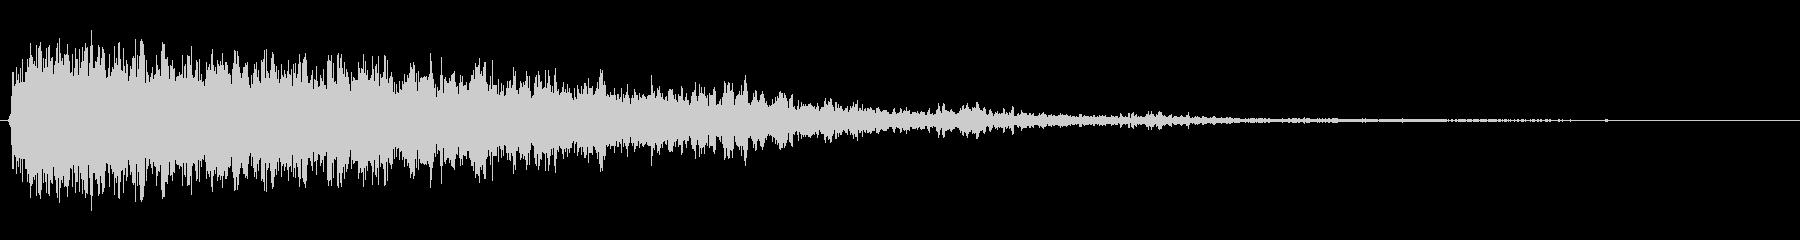 シュイーン 格好良い効果音の未再生の波形